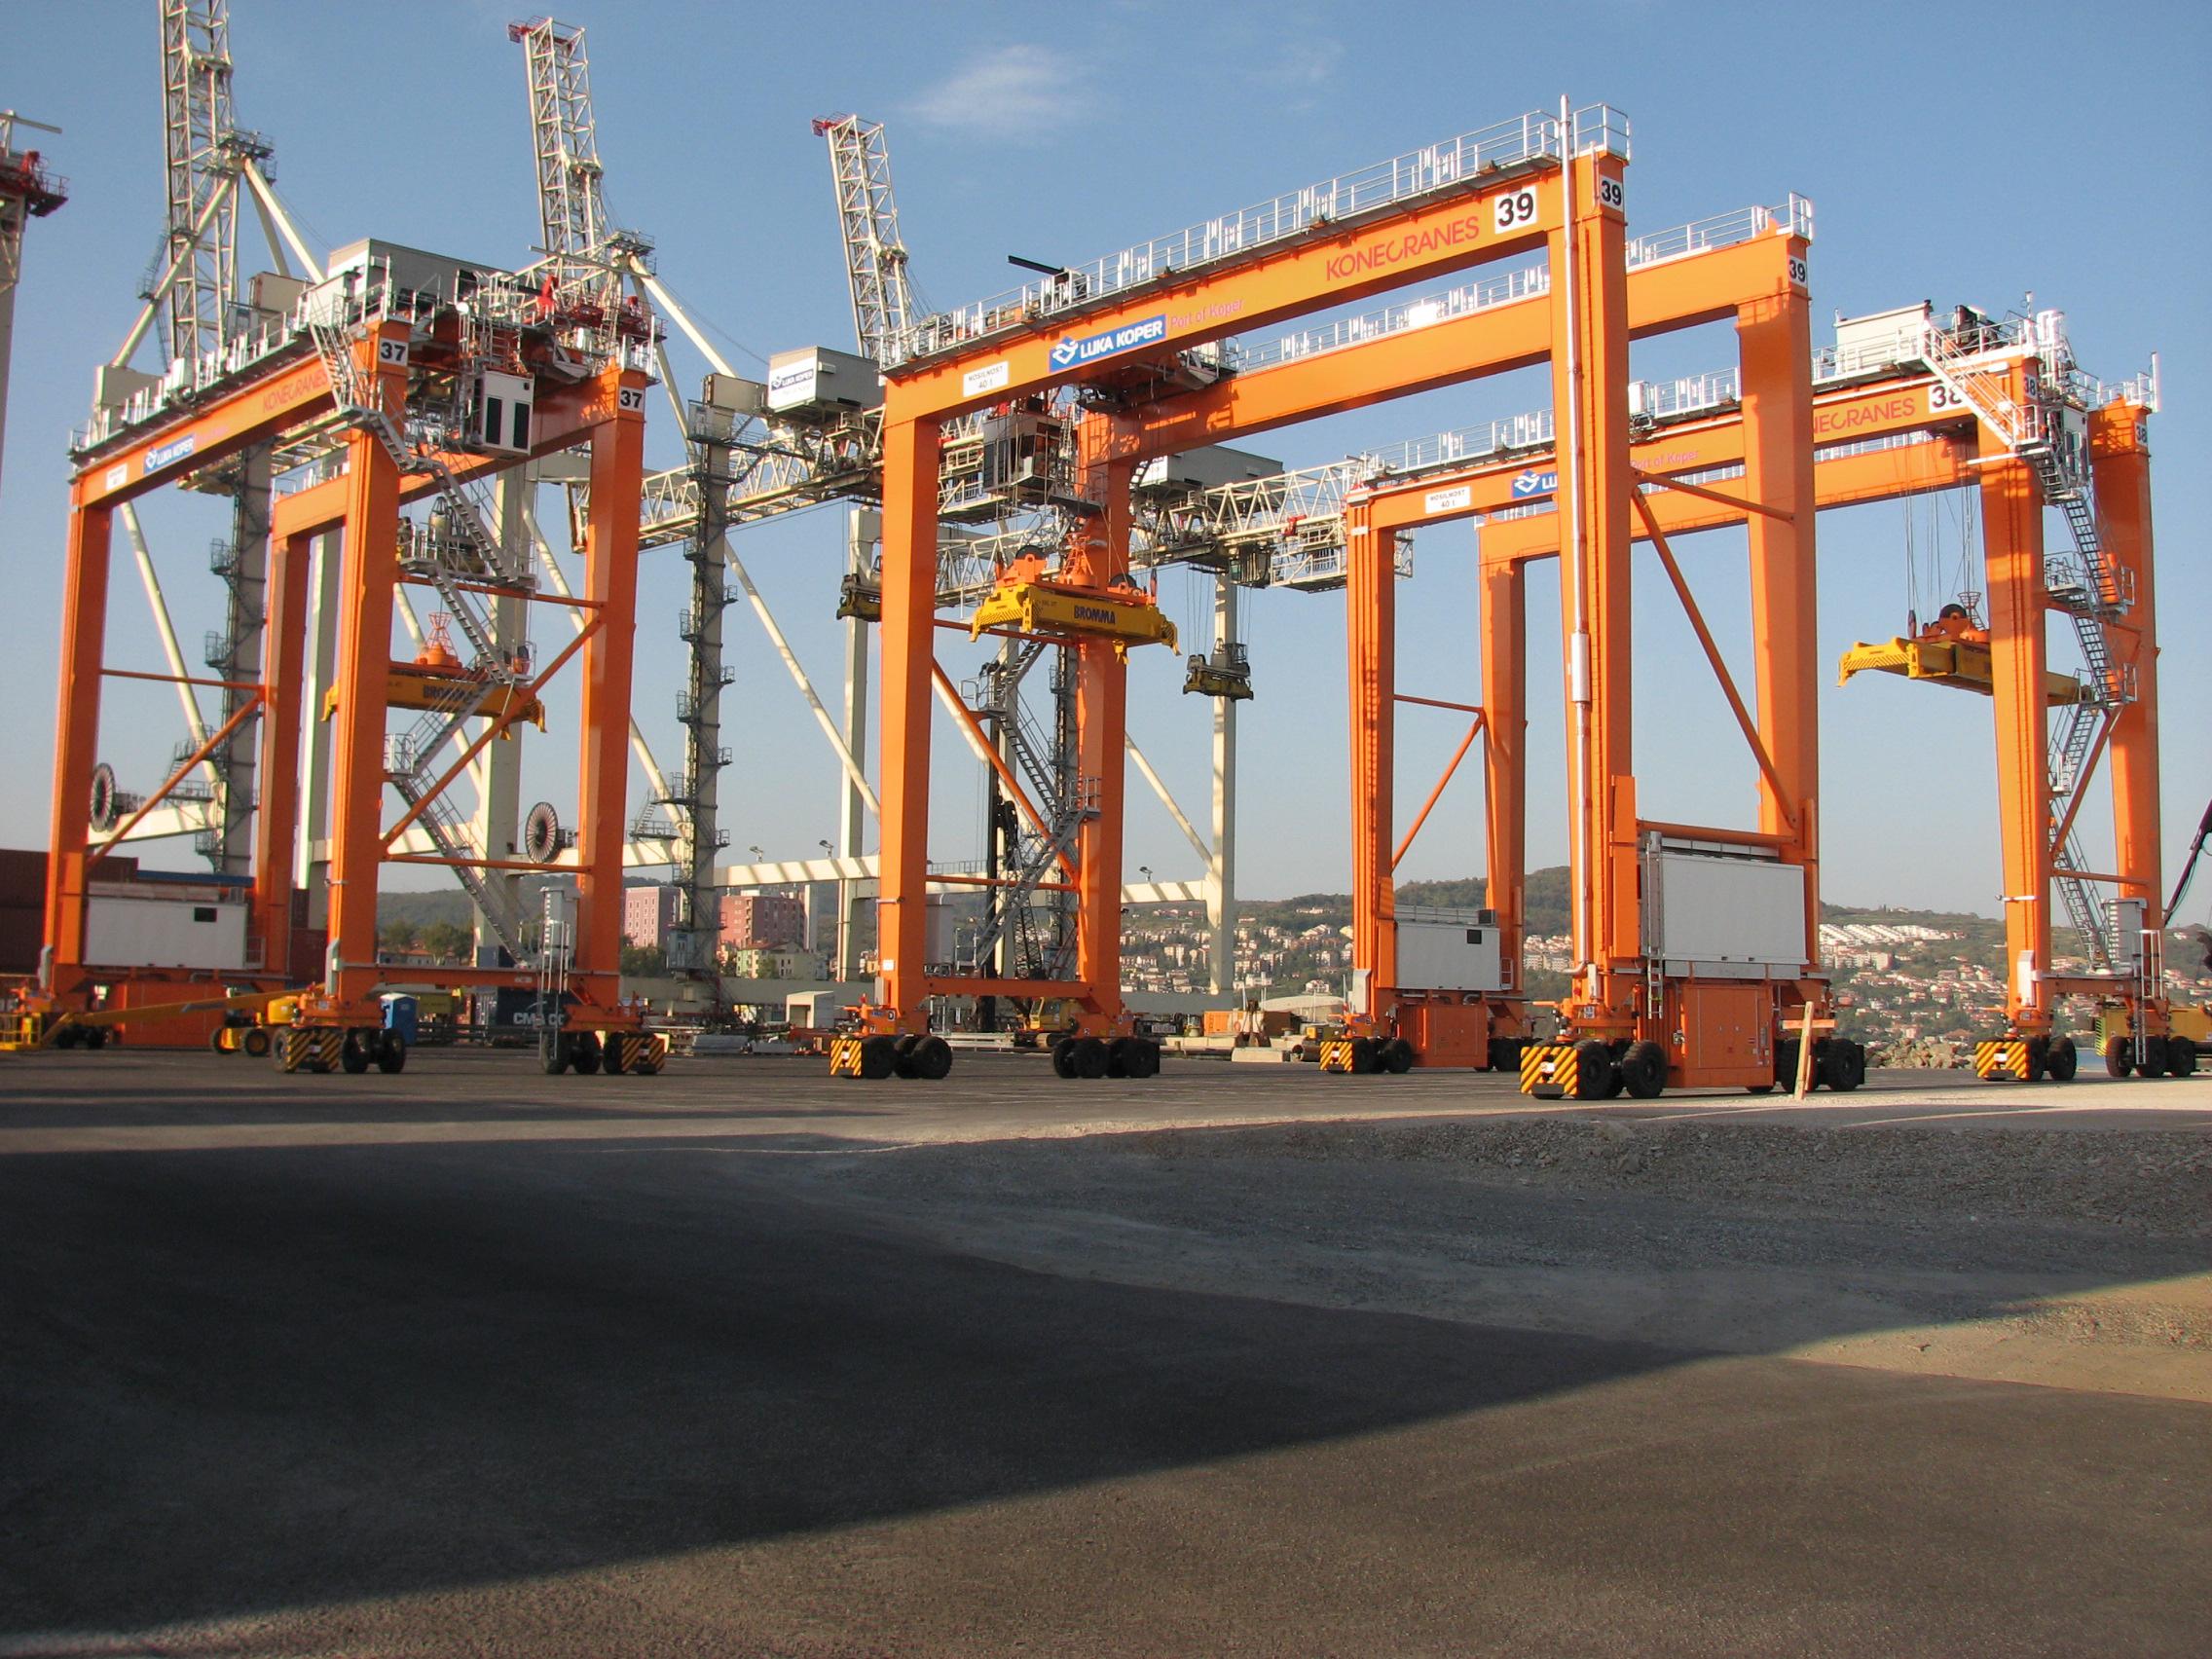 The Port of Koper has been a customer of Konecranes for 14 years